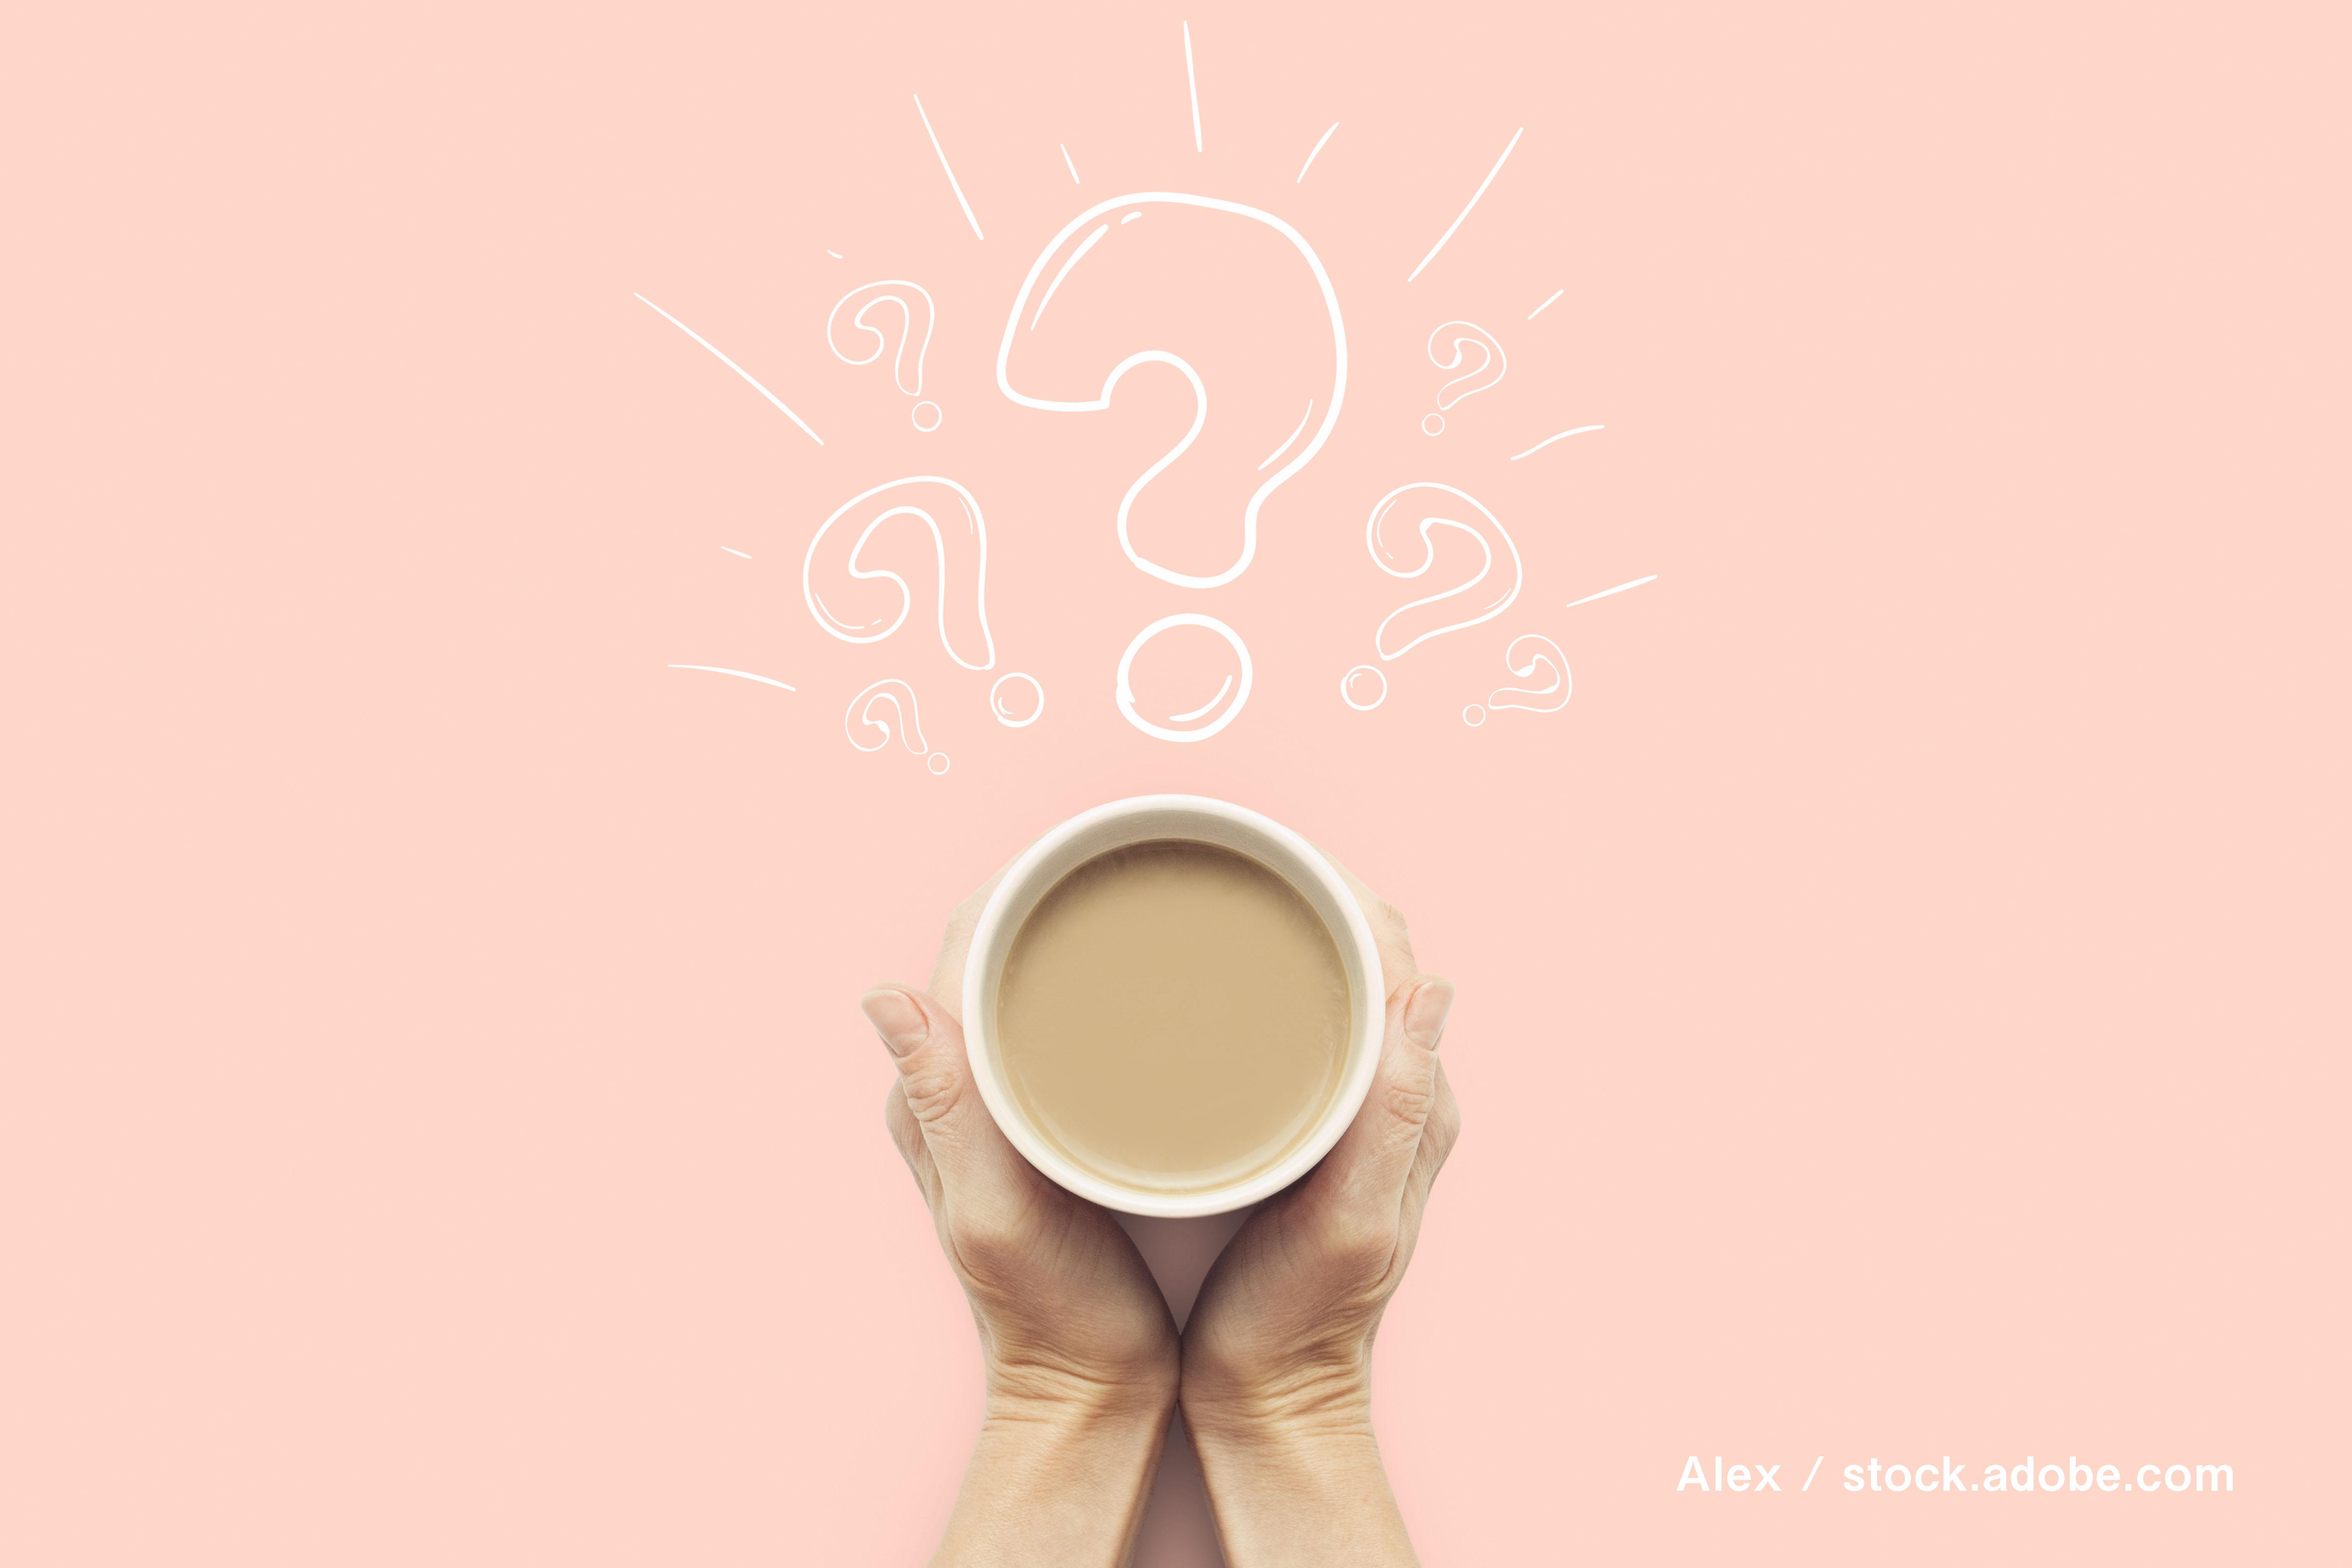 1日のカフェイン摂取量はコーヒー何杯まで大丈夫?妊活はデカフェ(カフェインレス)でないとダメ?